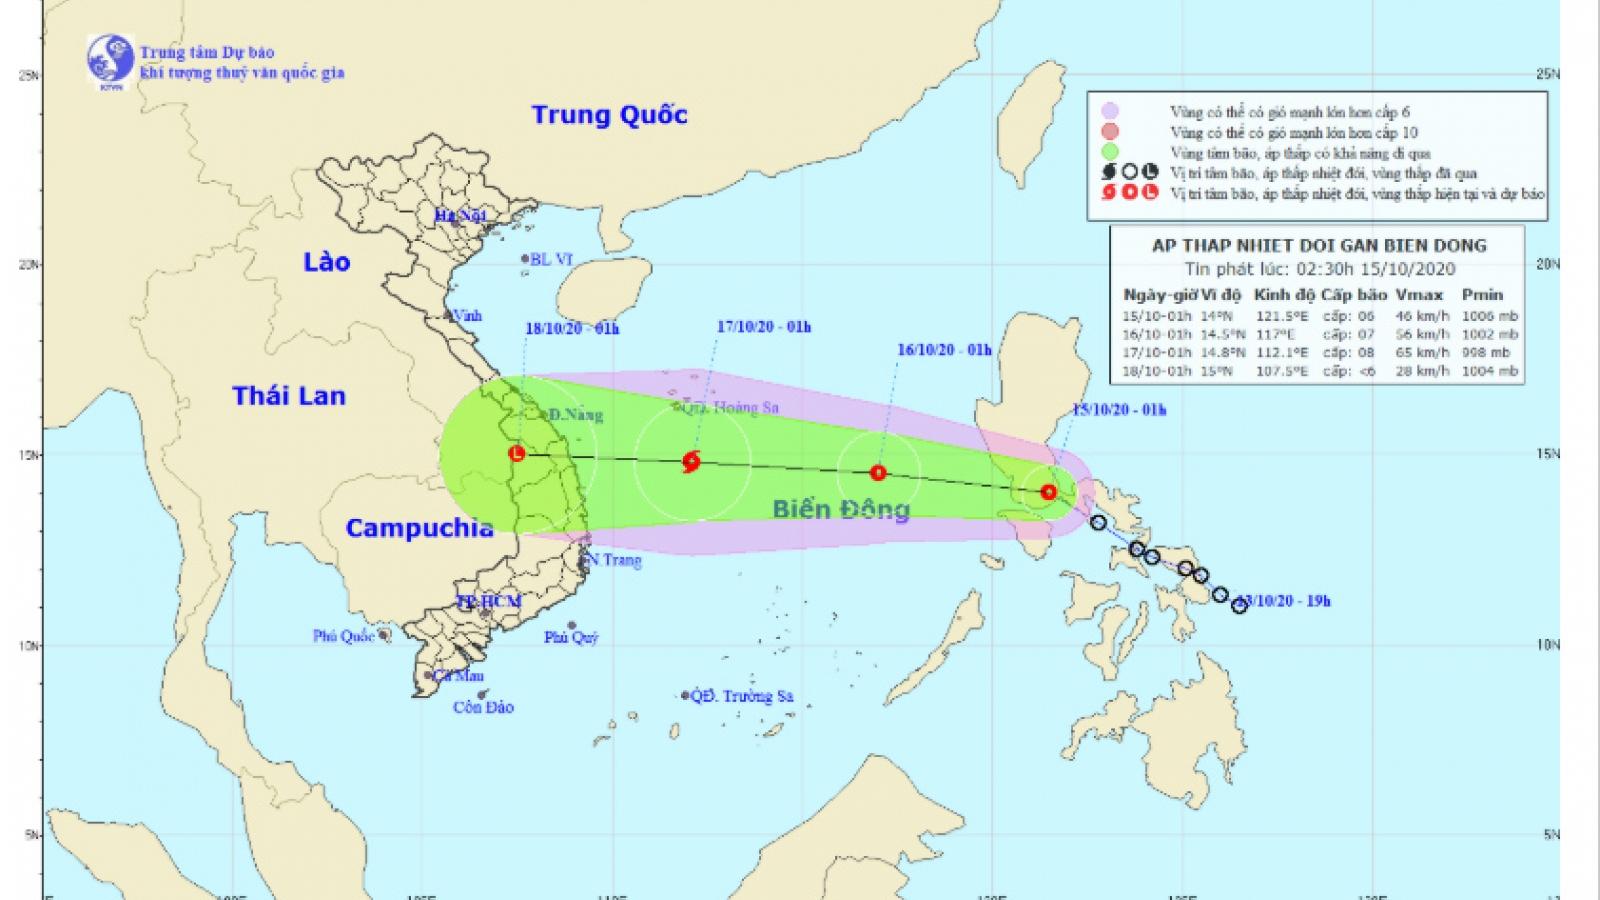 Áp thấp nhiệt đới di chuyển theo hướng Tây Tây Bắc, gió giật cấp 8